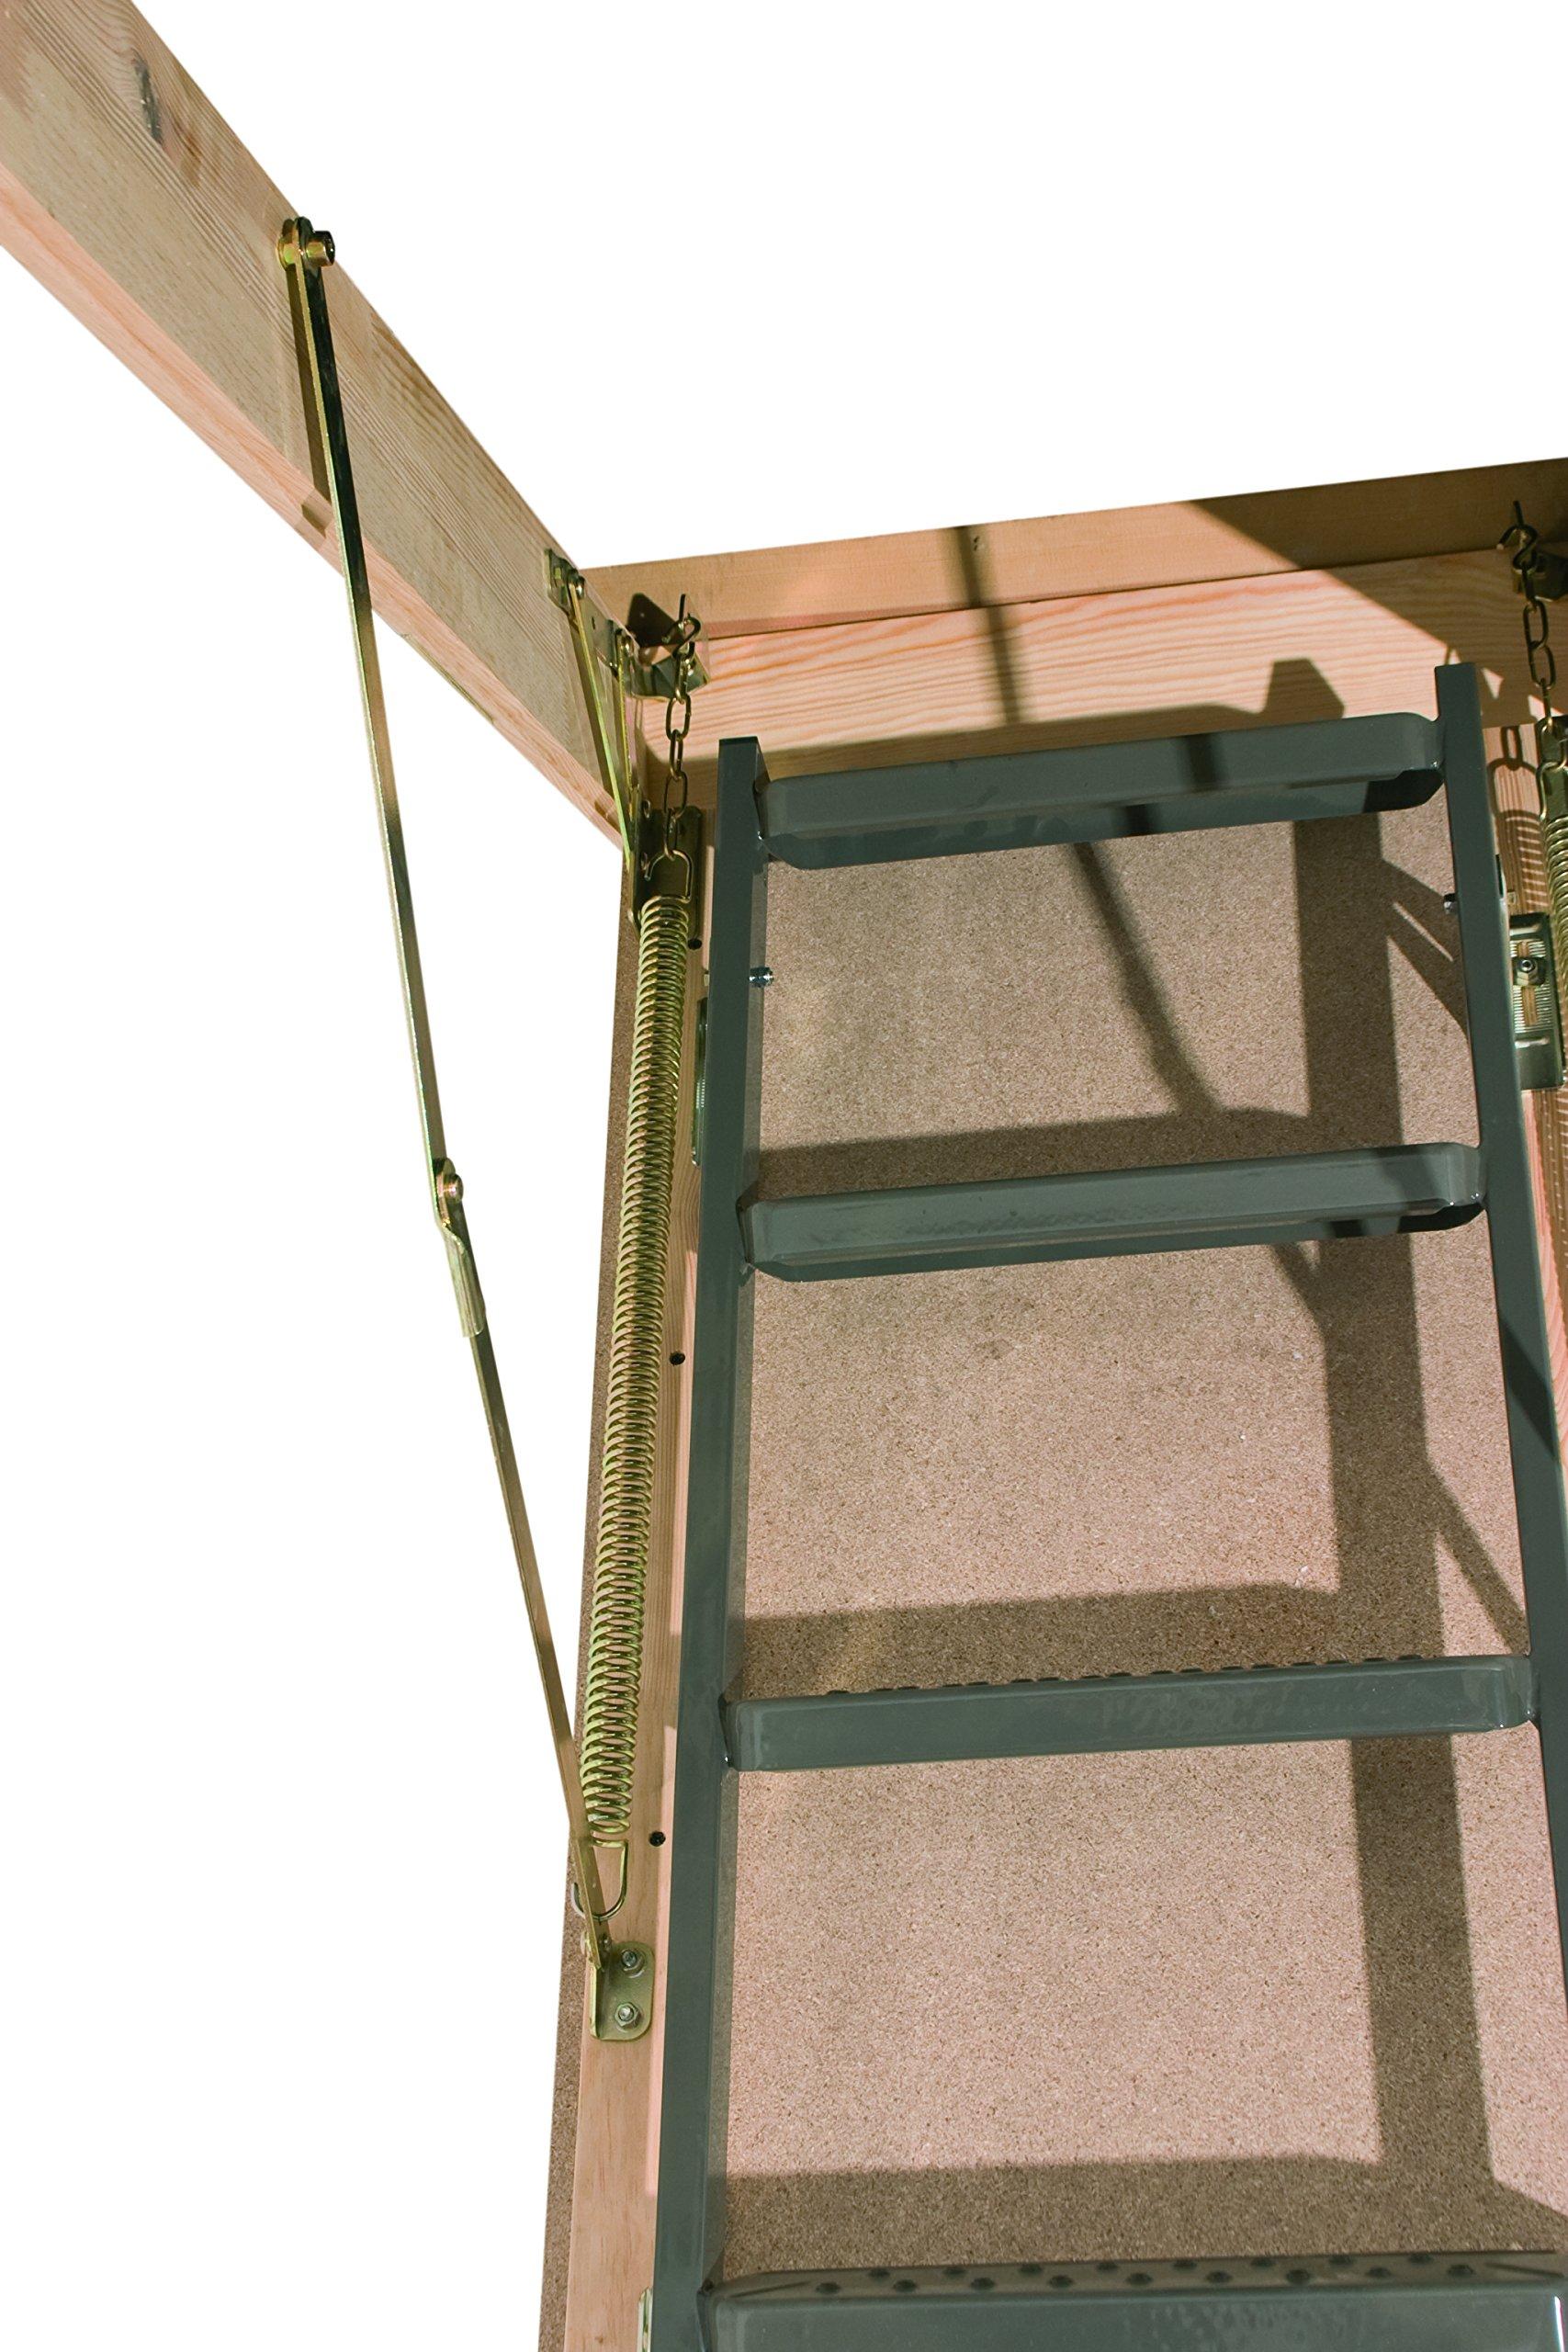 FAKRO OWM Basic Metal No aislado Escalera de ático 136: Amazon.es: Bricolaje y herramientas